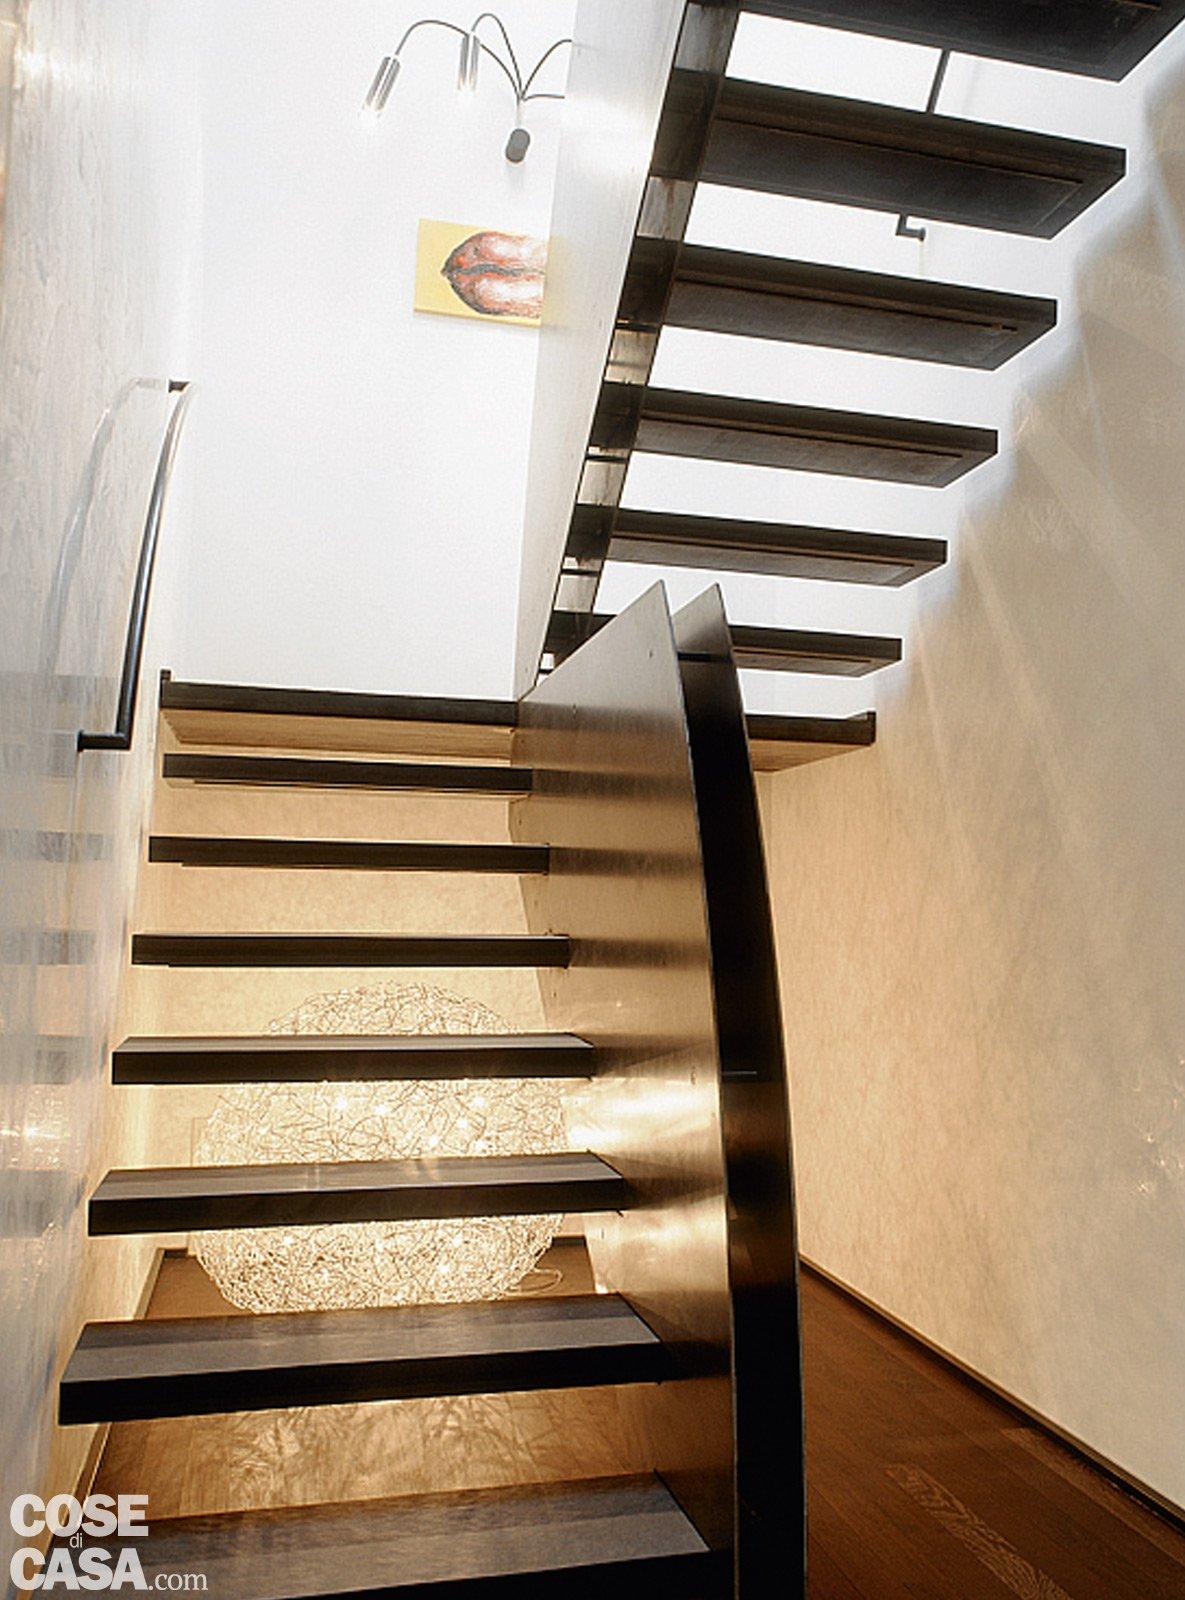 La casa triplica con il recupero del sottotetto - Cose di Casa